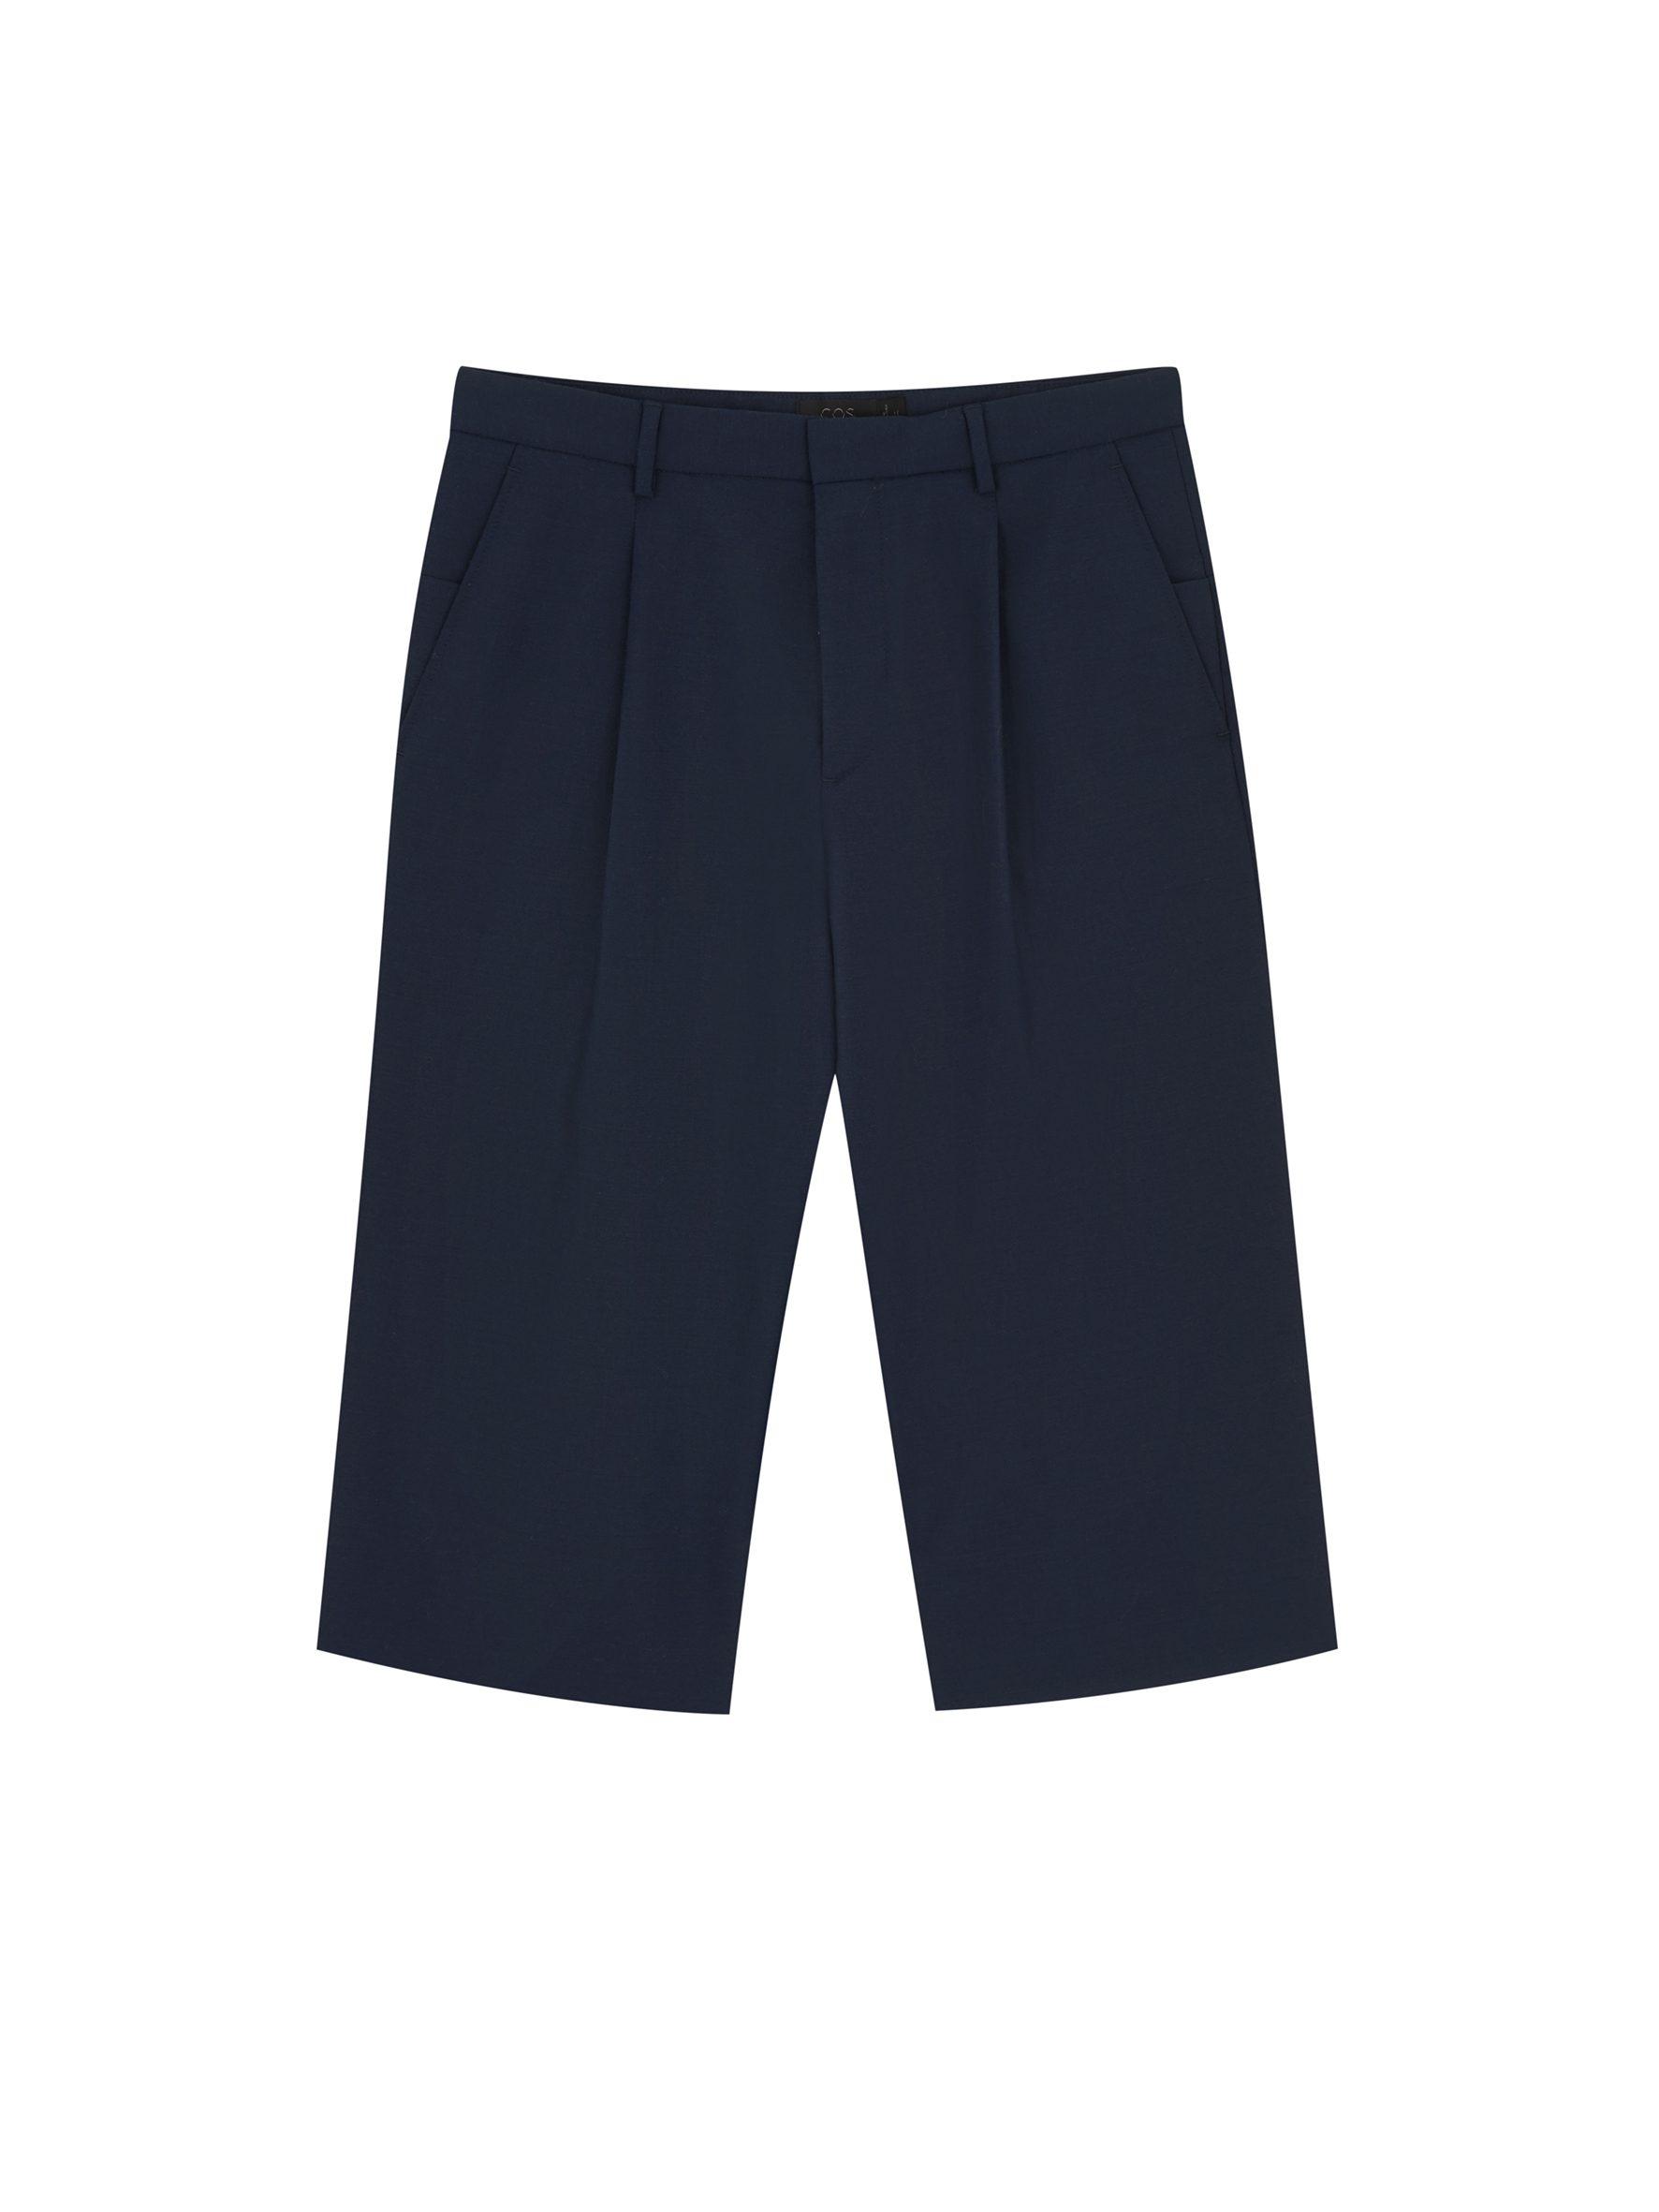 Leo shorts.jpg